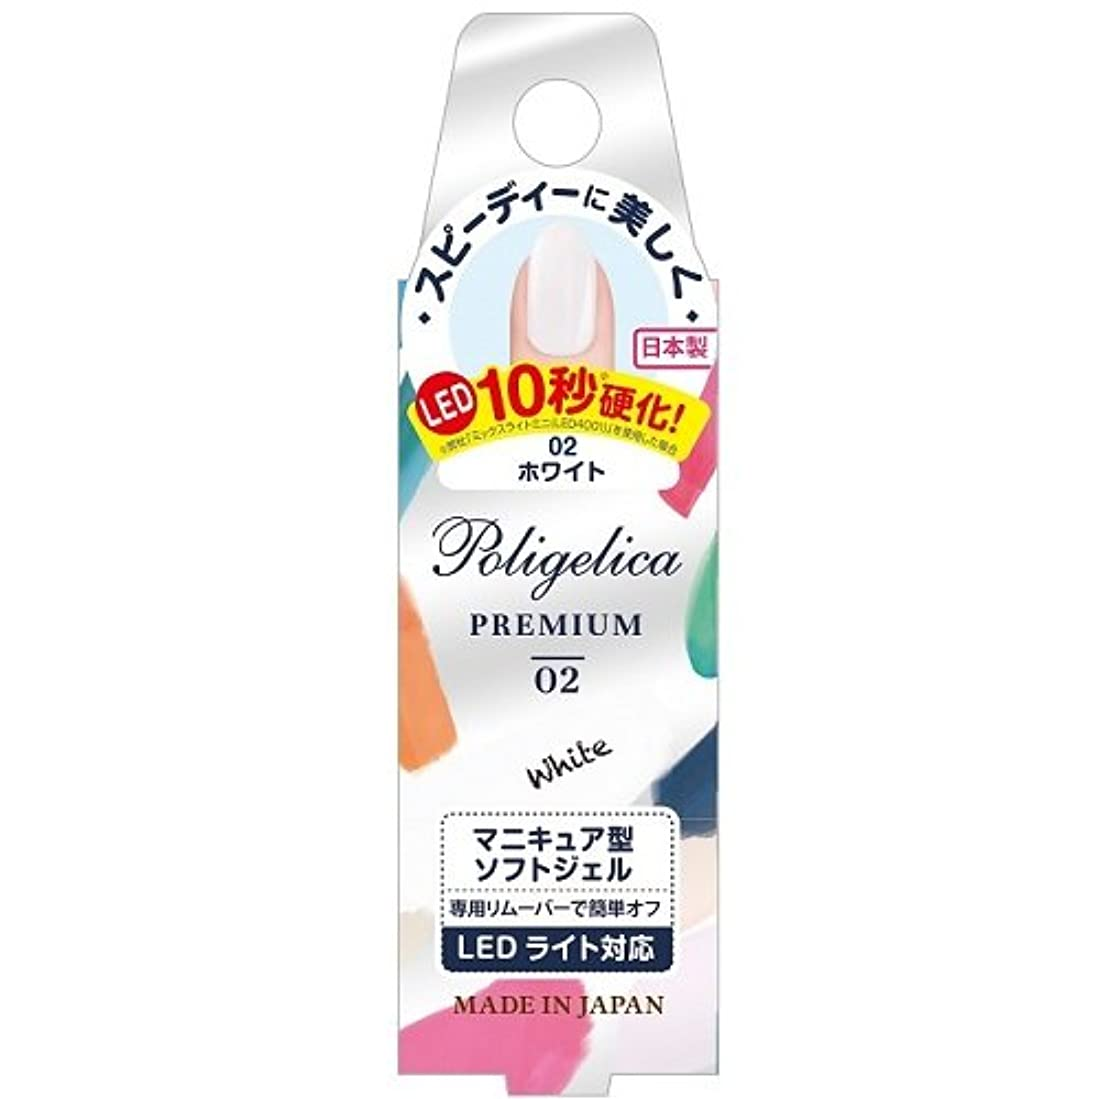 期待するペアBW ポリジェリカプレミアム カラージェル 1002/ホワイト (6g)